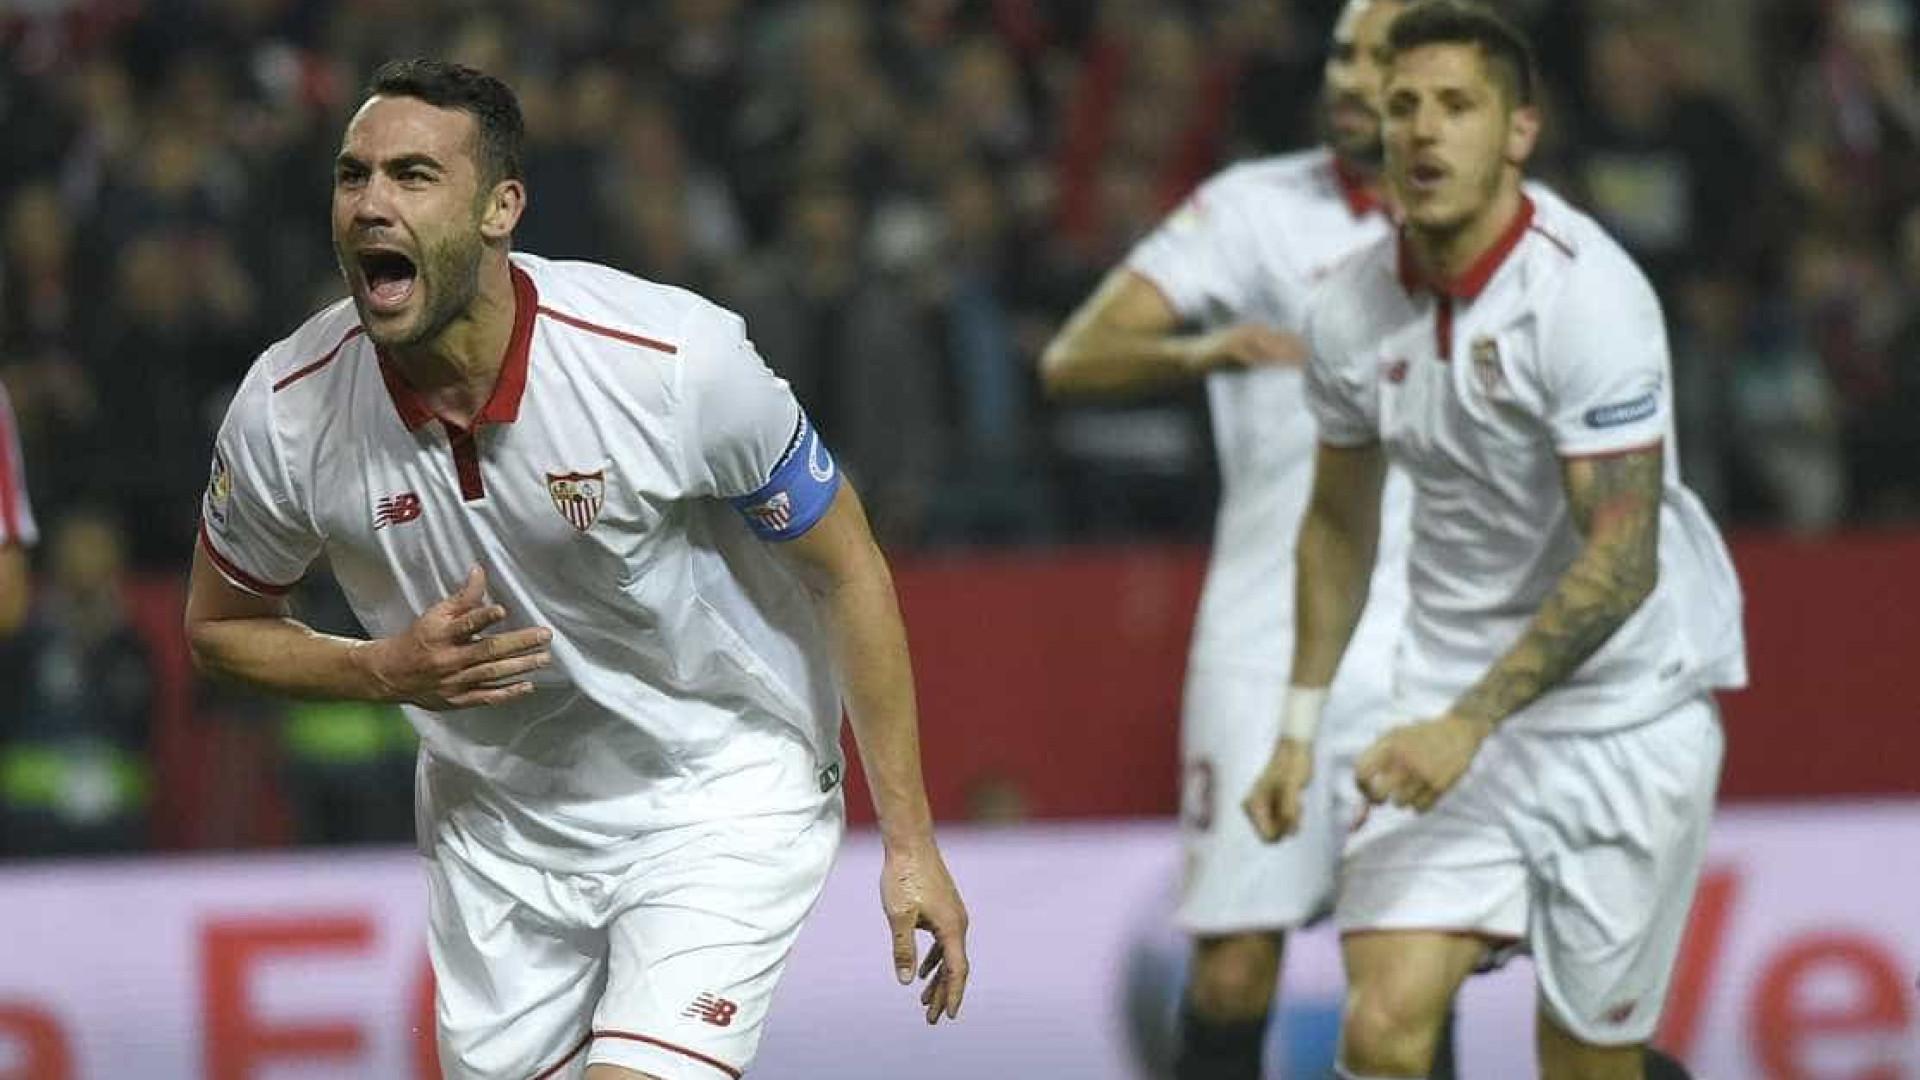 Leicester confirma contratação de Vicente Iborra até 2021